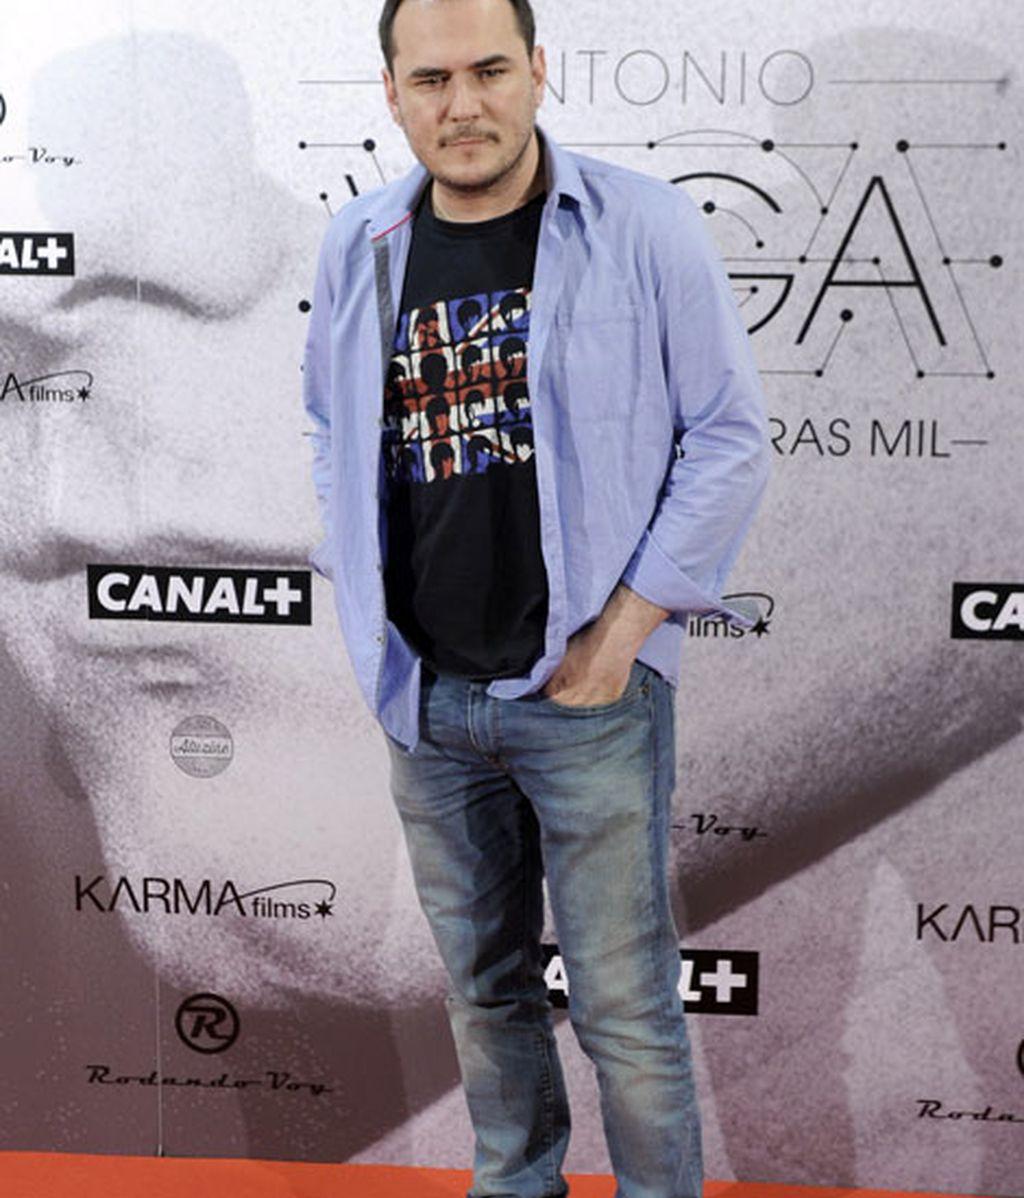 El cantante Ismael Serrano también pasó por el 'photocall'